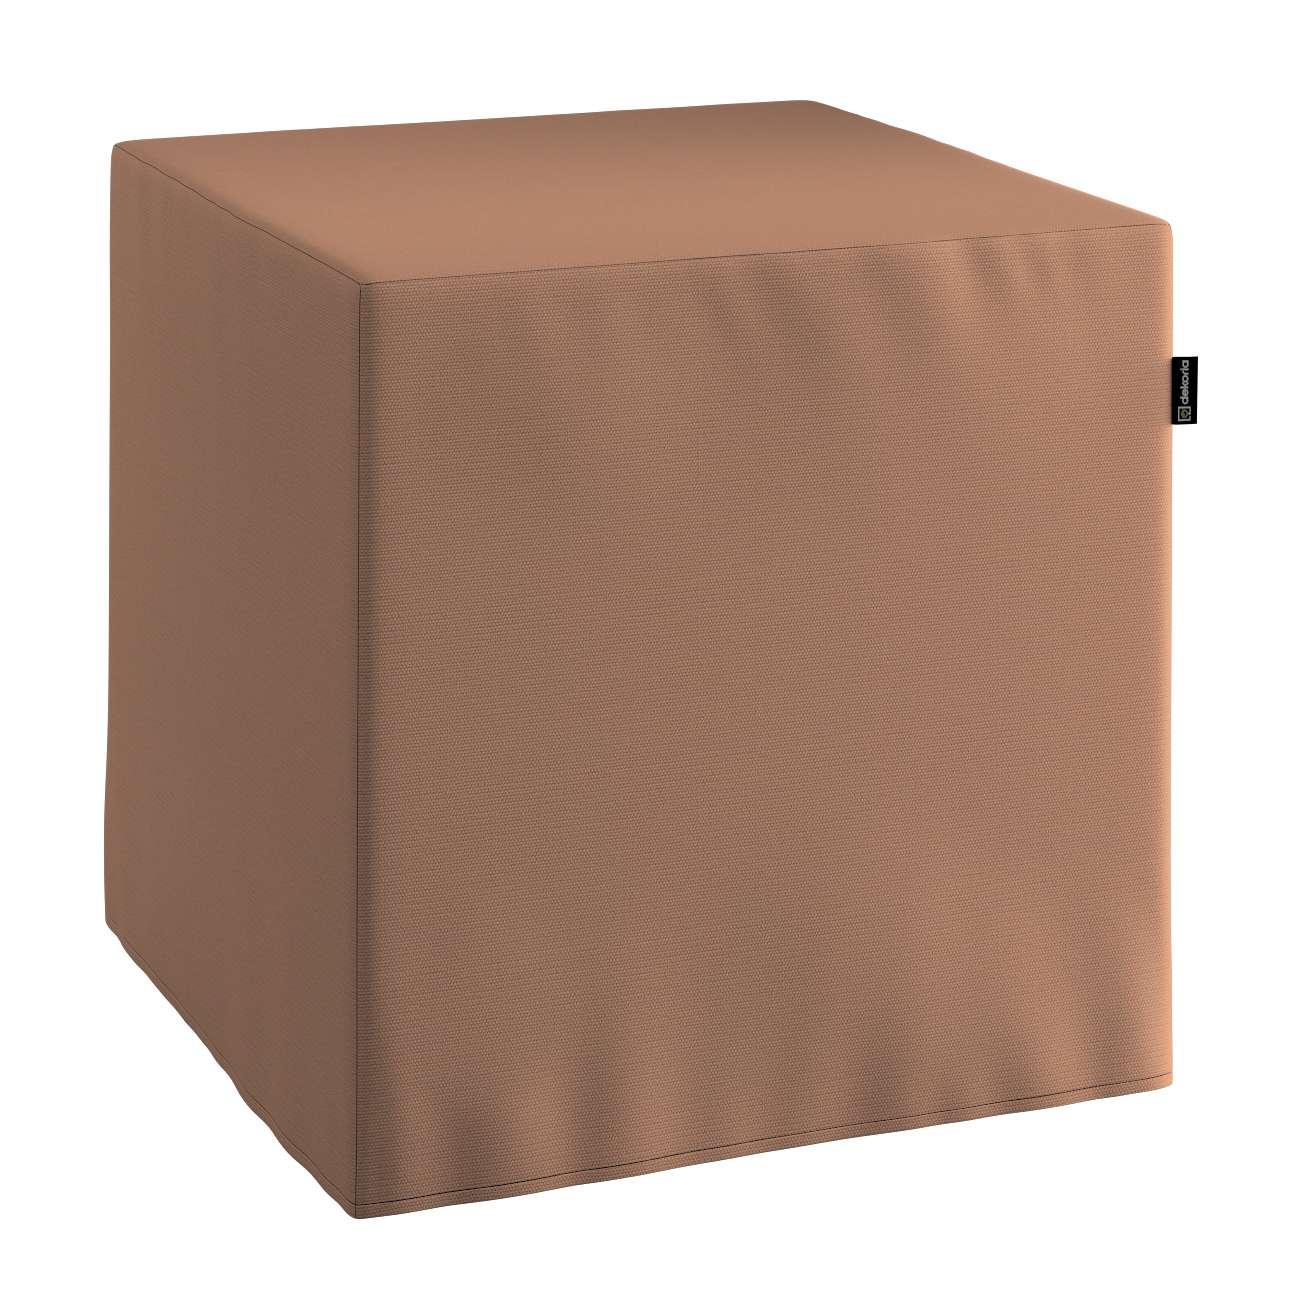 Harter Sitzwürfel 40 x 40 x 40 cm von der Kollektion Cotton Panama, Stoff: 702-02